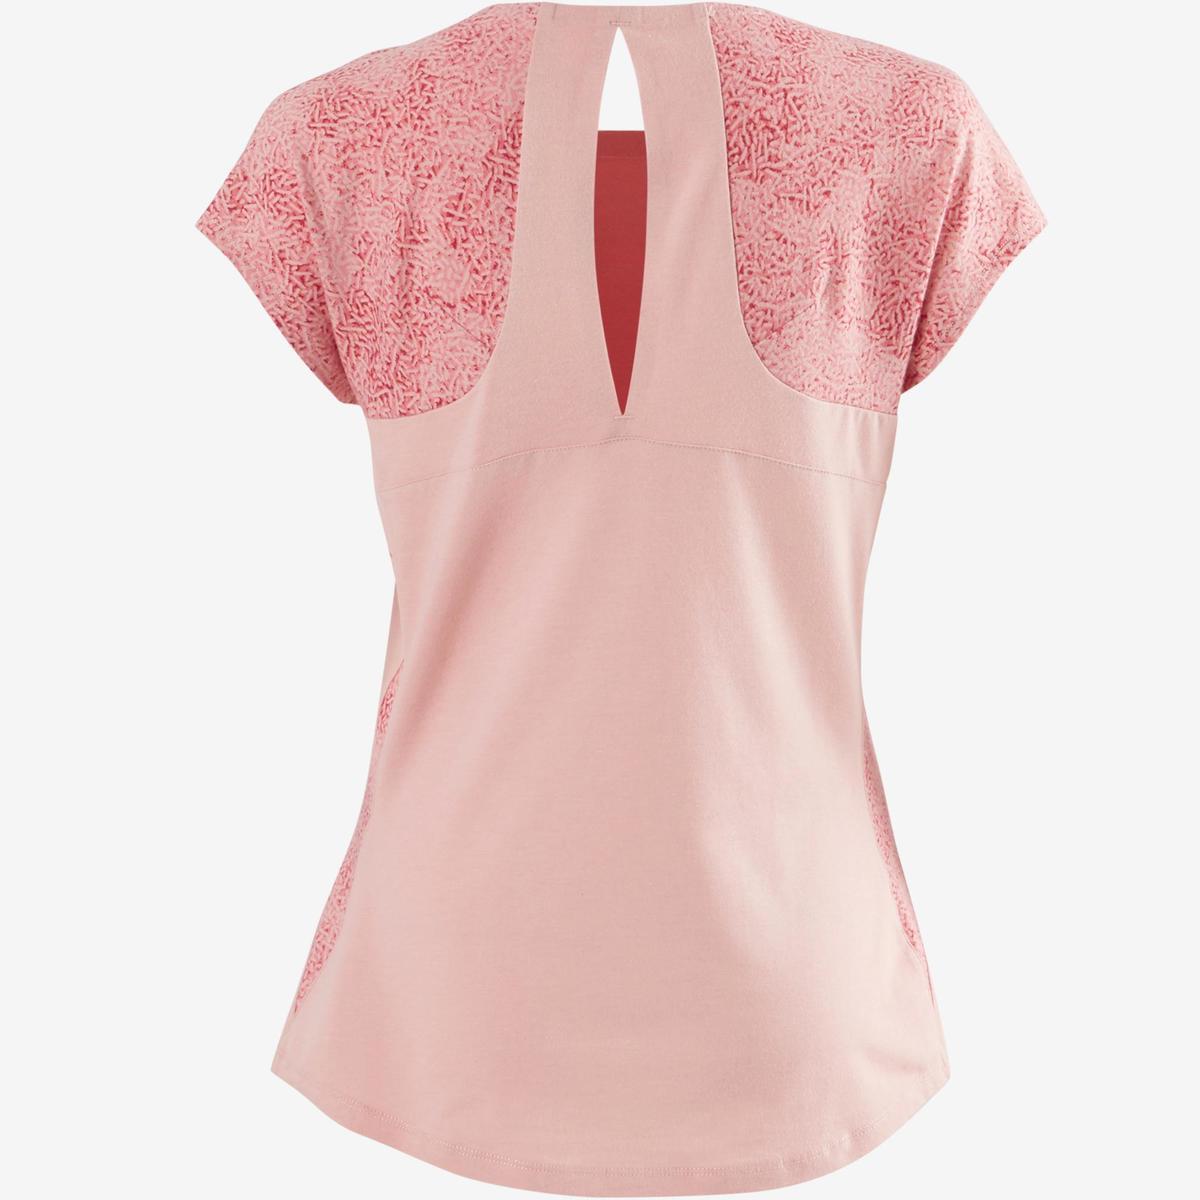 Bild 5 von T-Shirt 520 Pilates sanfte Gym Damen hellrosa